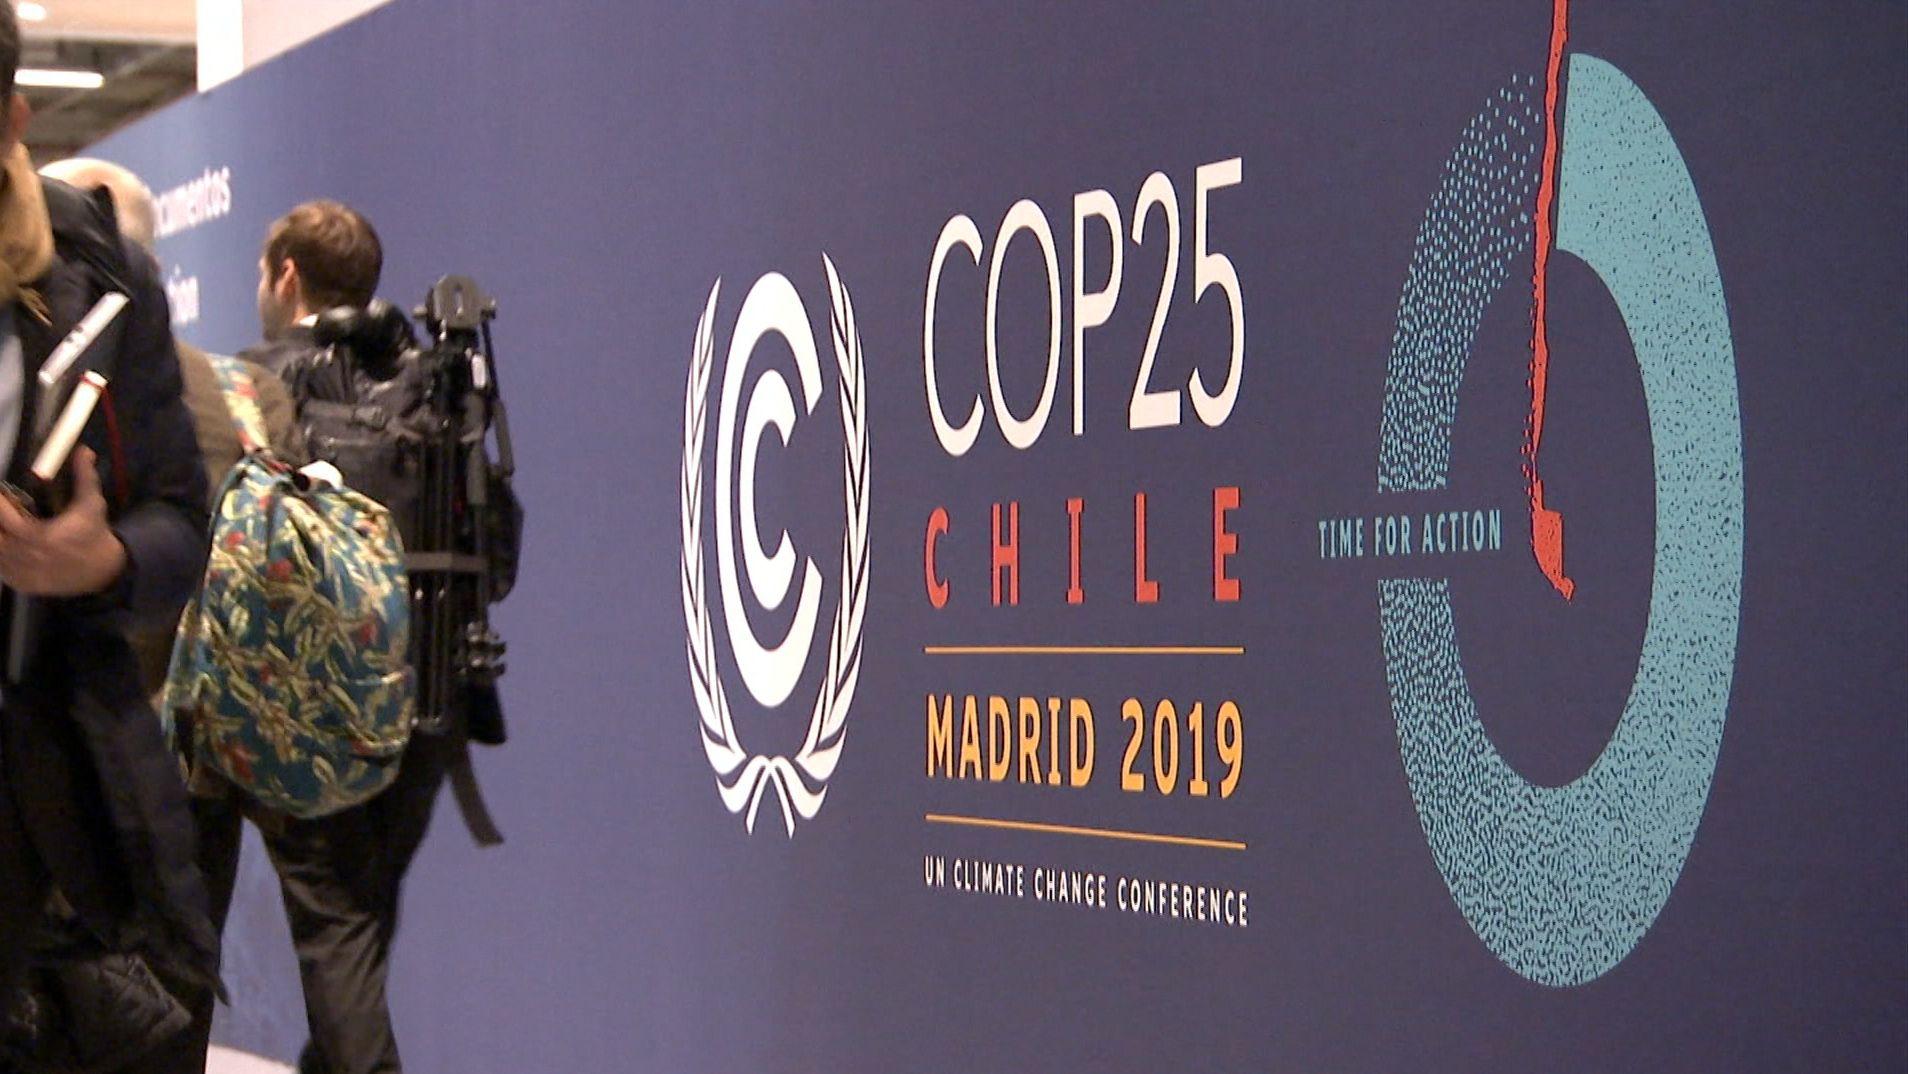 Klimakonferenz Madrid